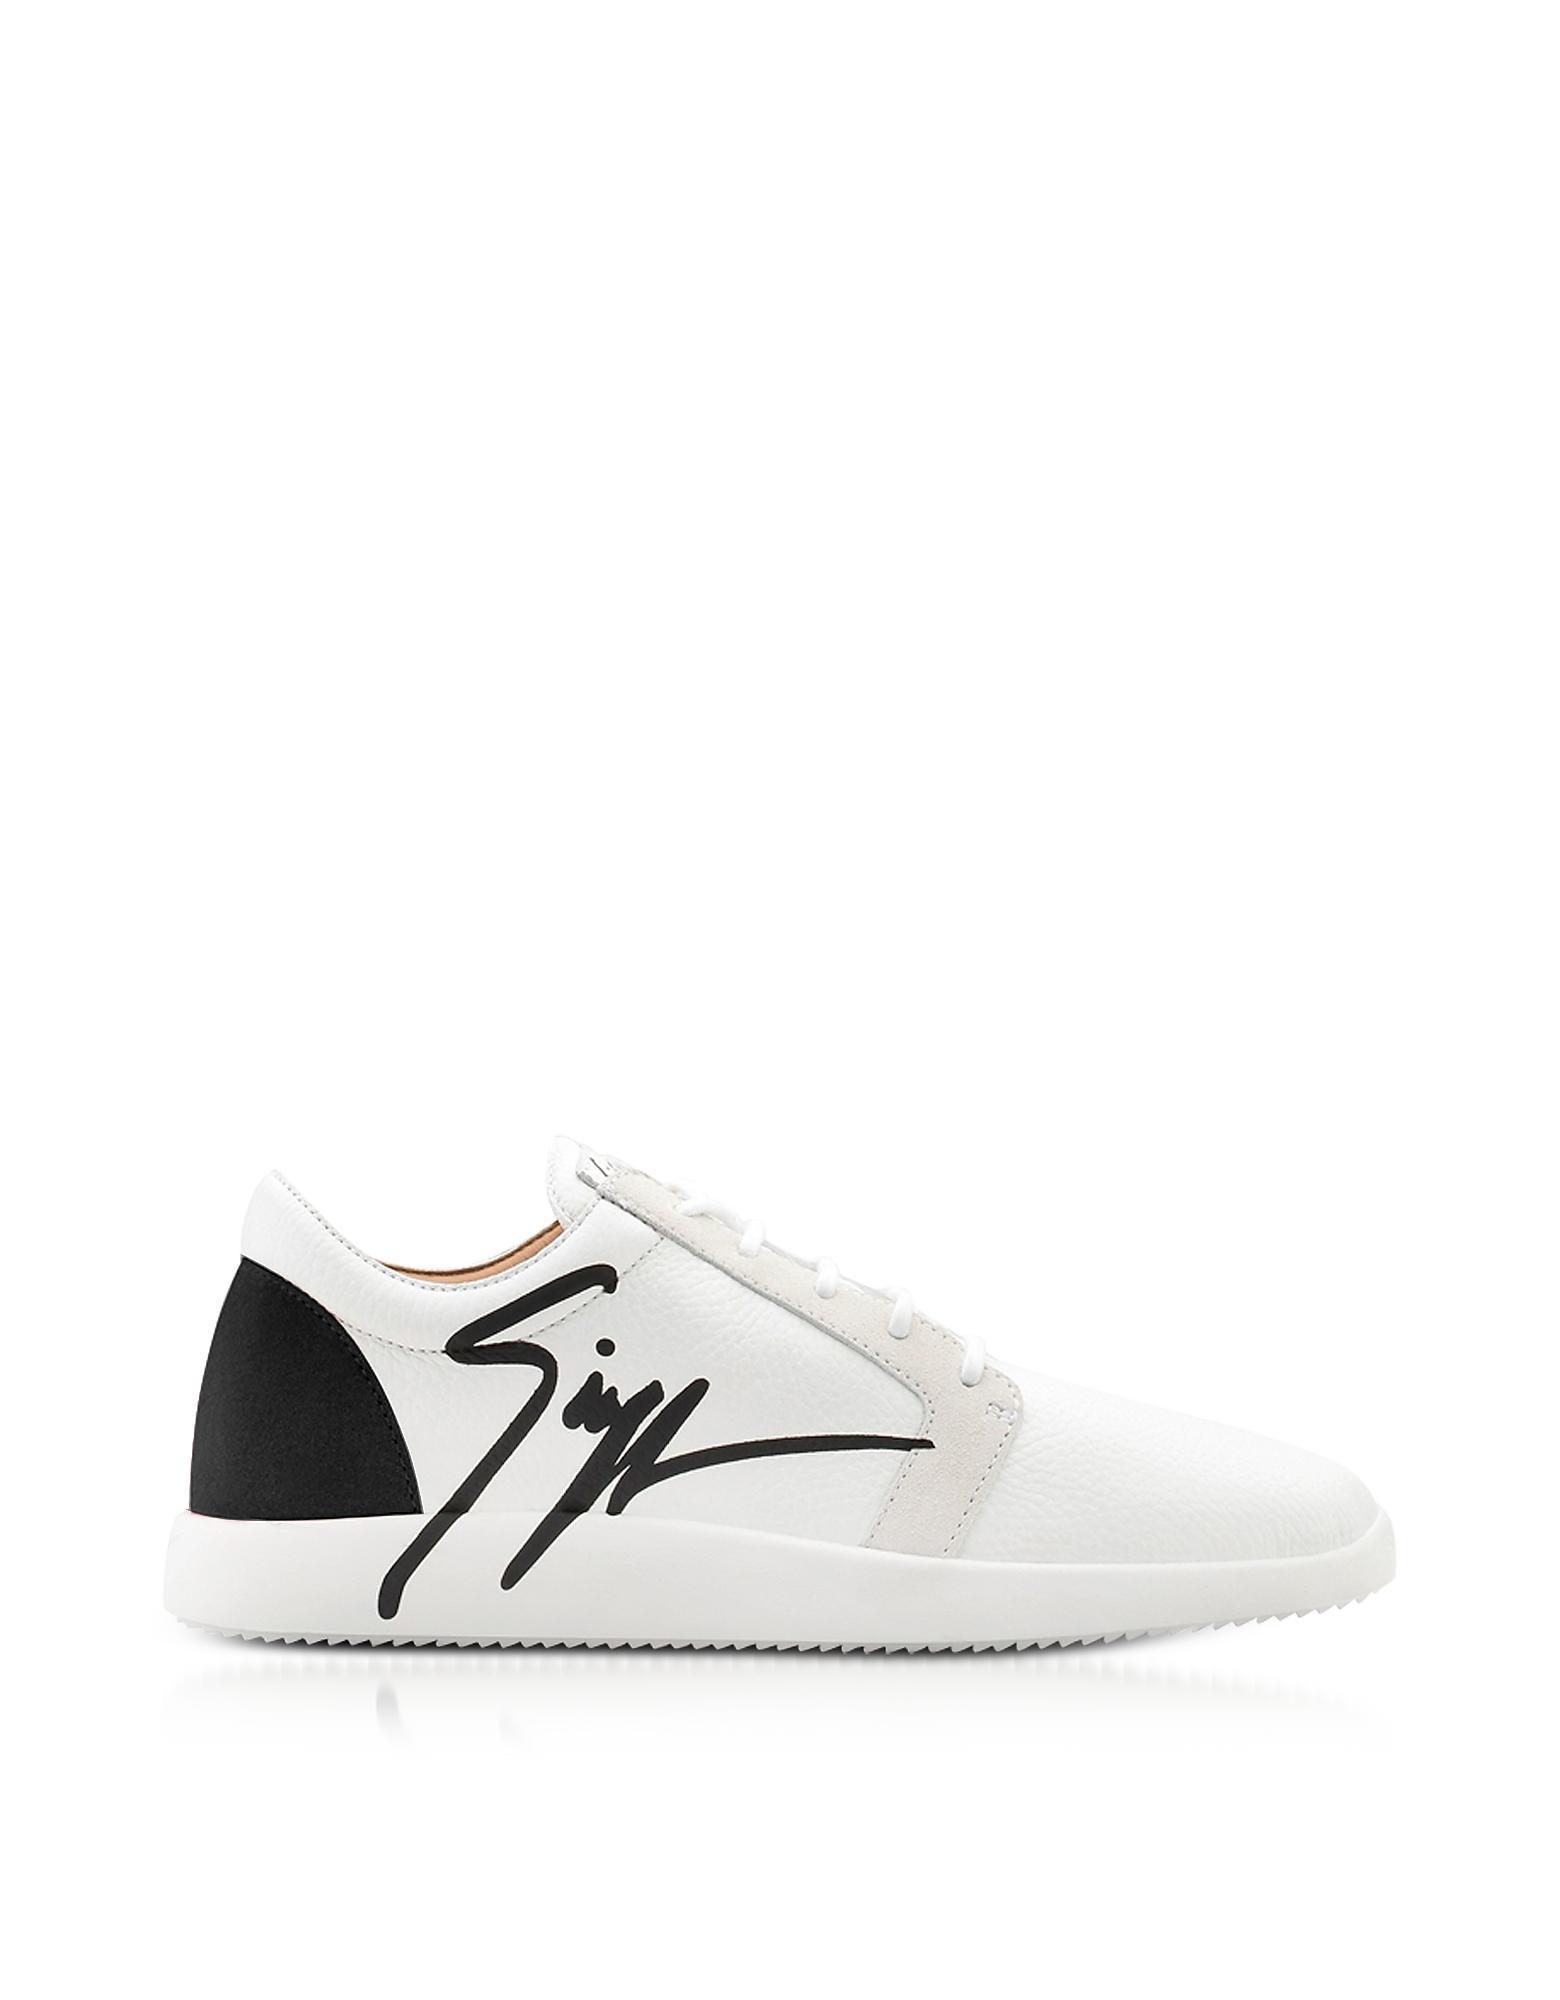 Giuseppe Zanotti G Runner Black And White Low Top Men's Sneakers